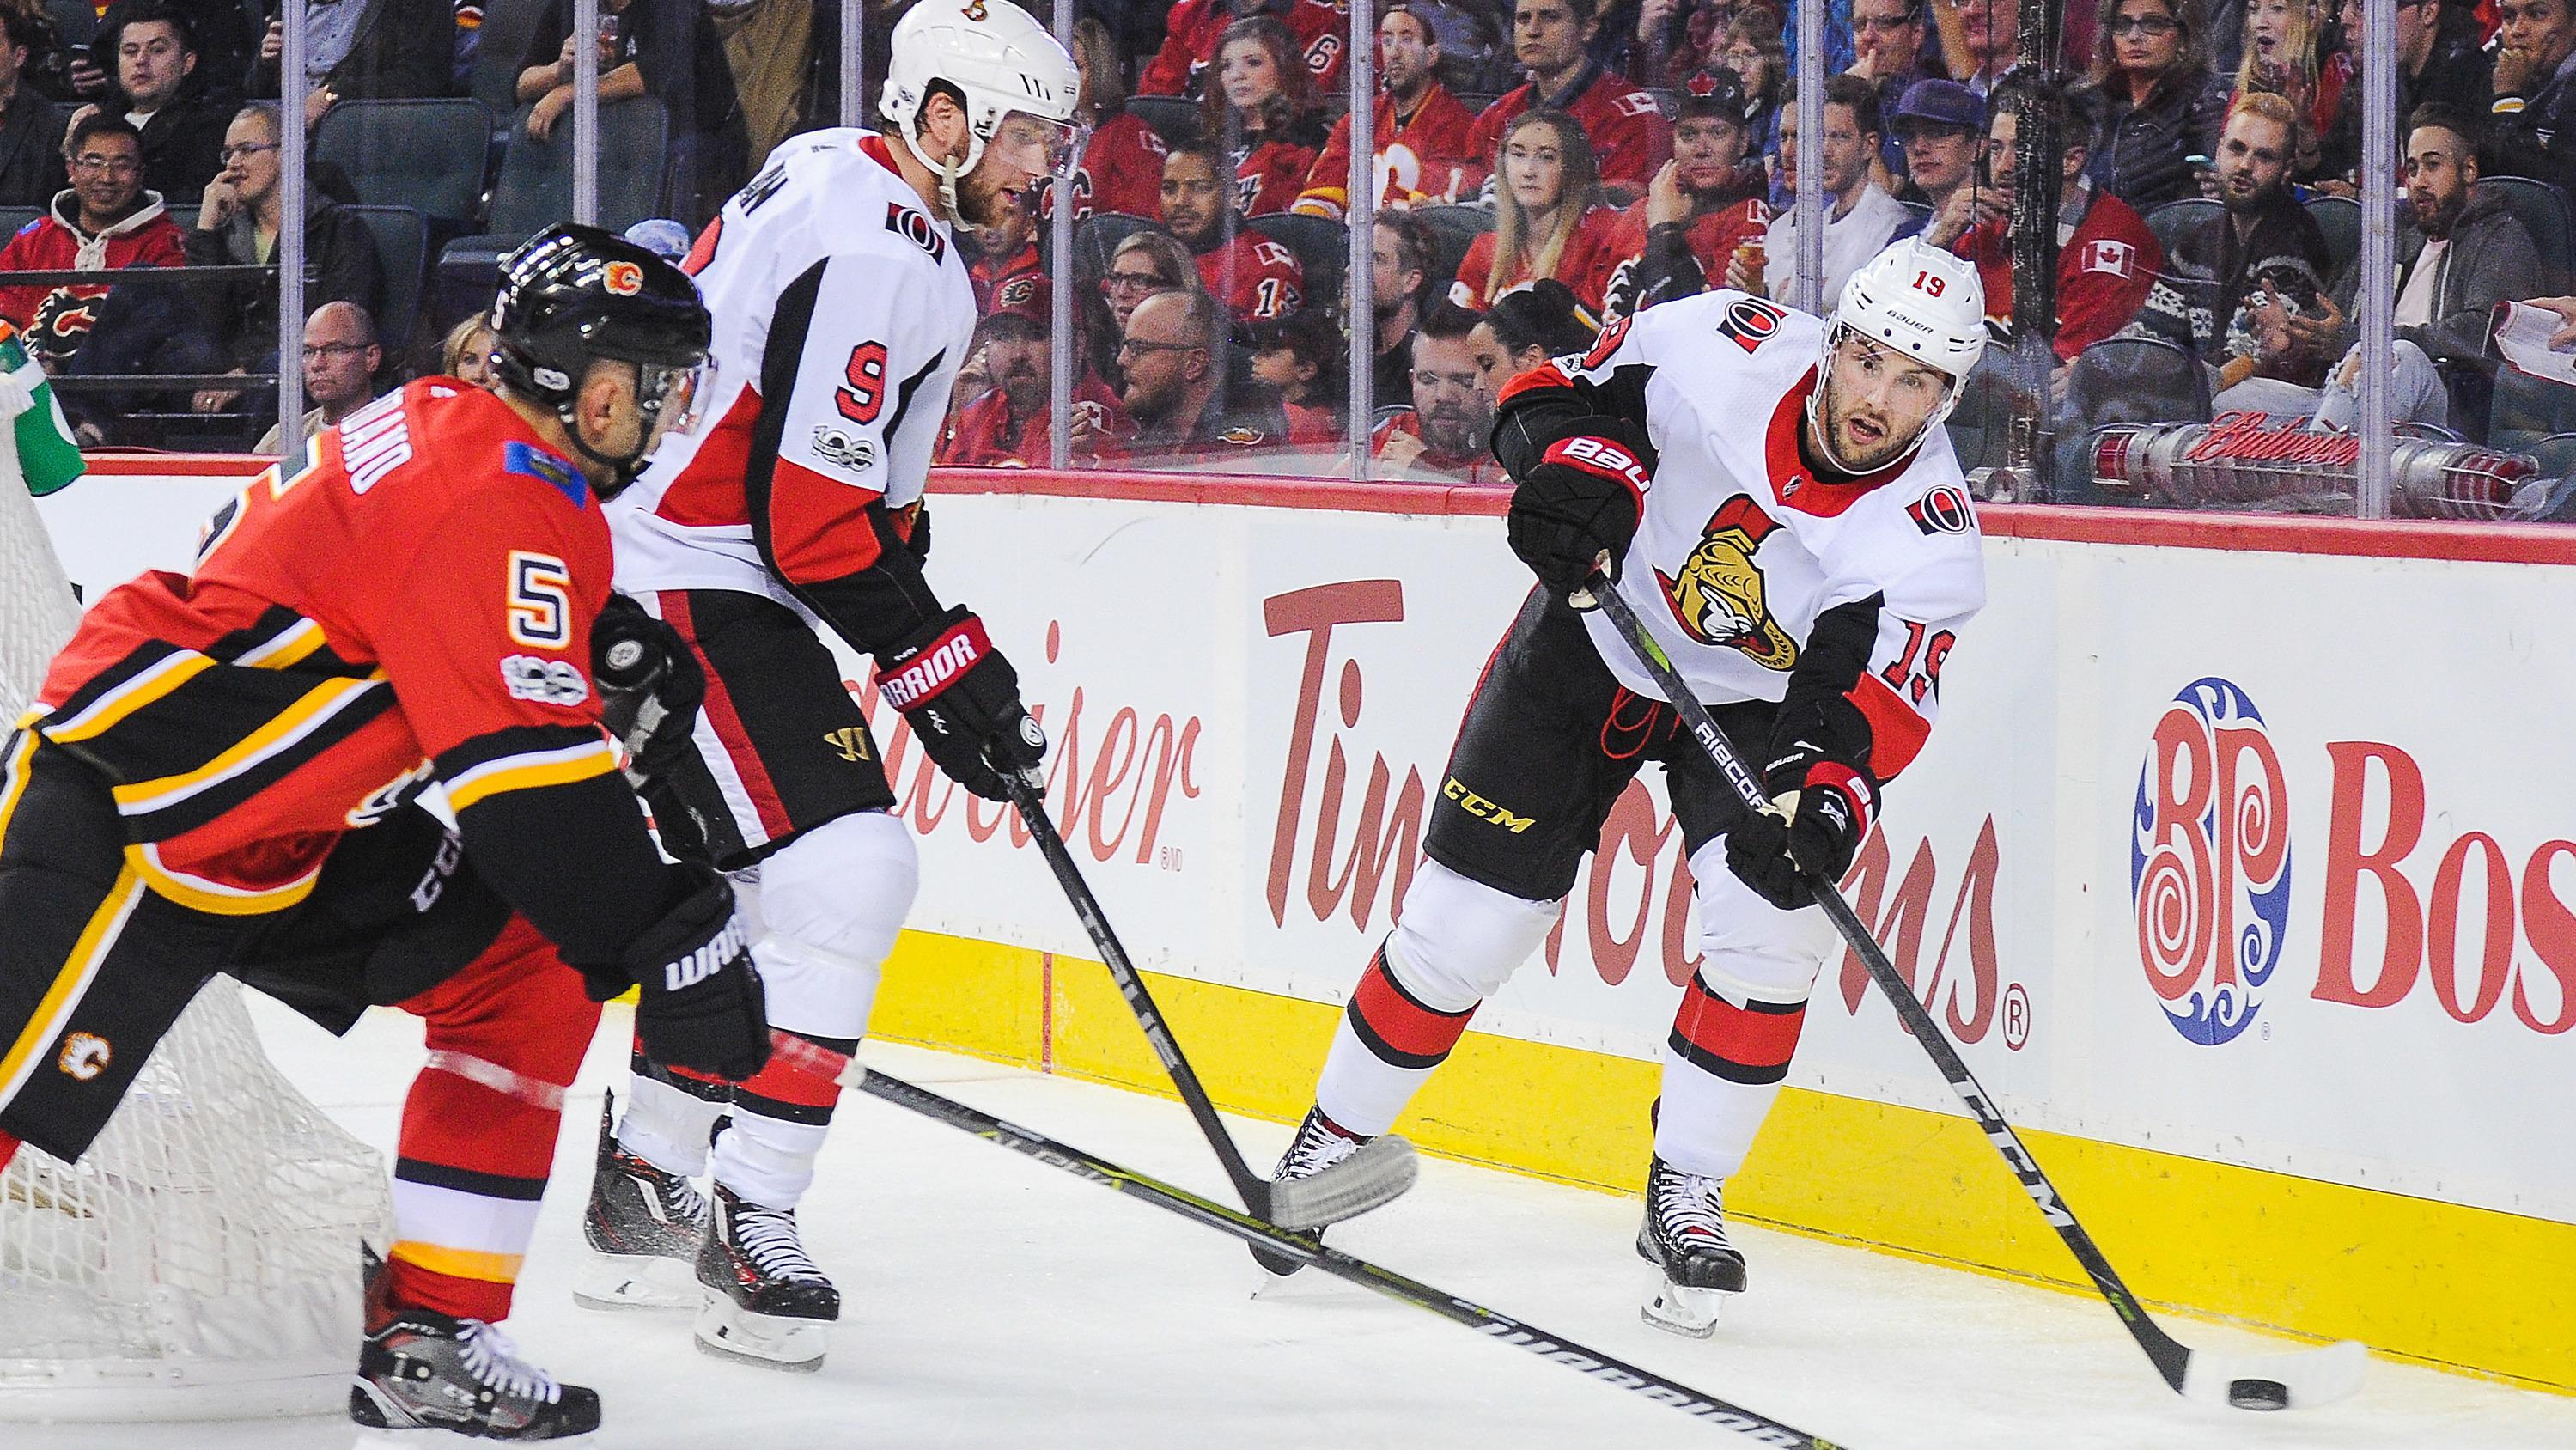 Прогноз на матч НХЛ 25 февраля 2019 года между командами Оттава - Калгари